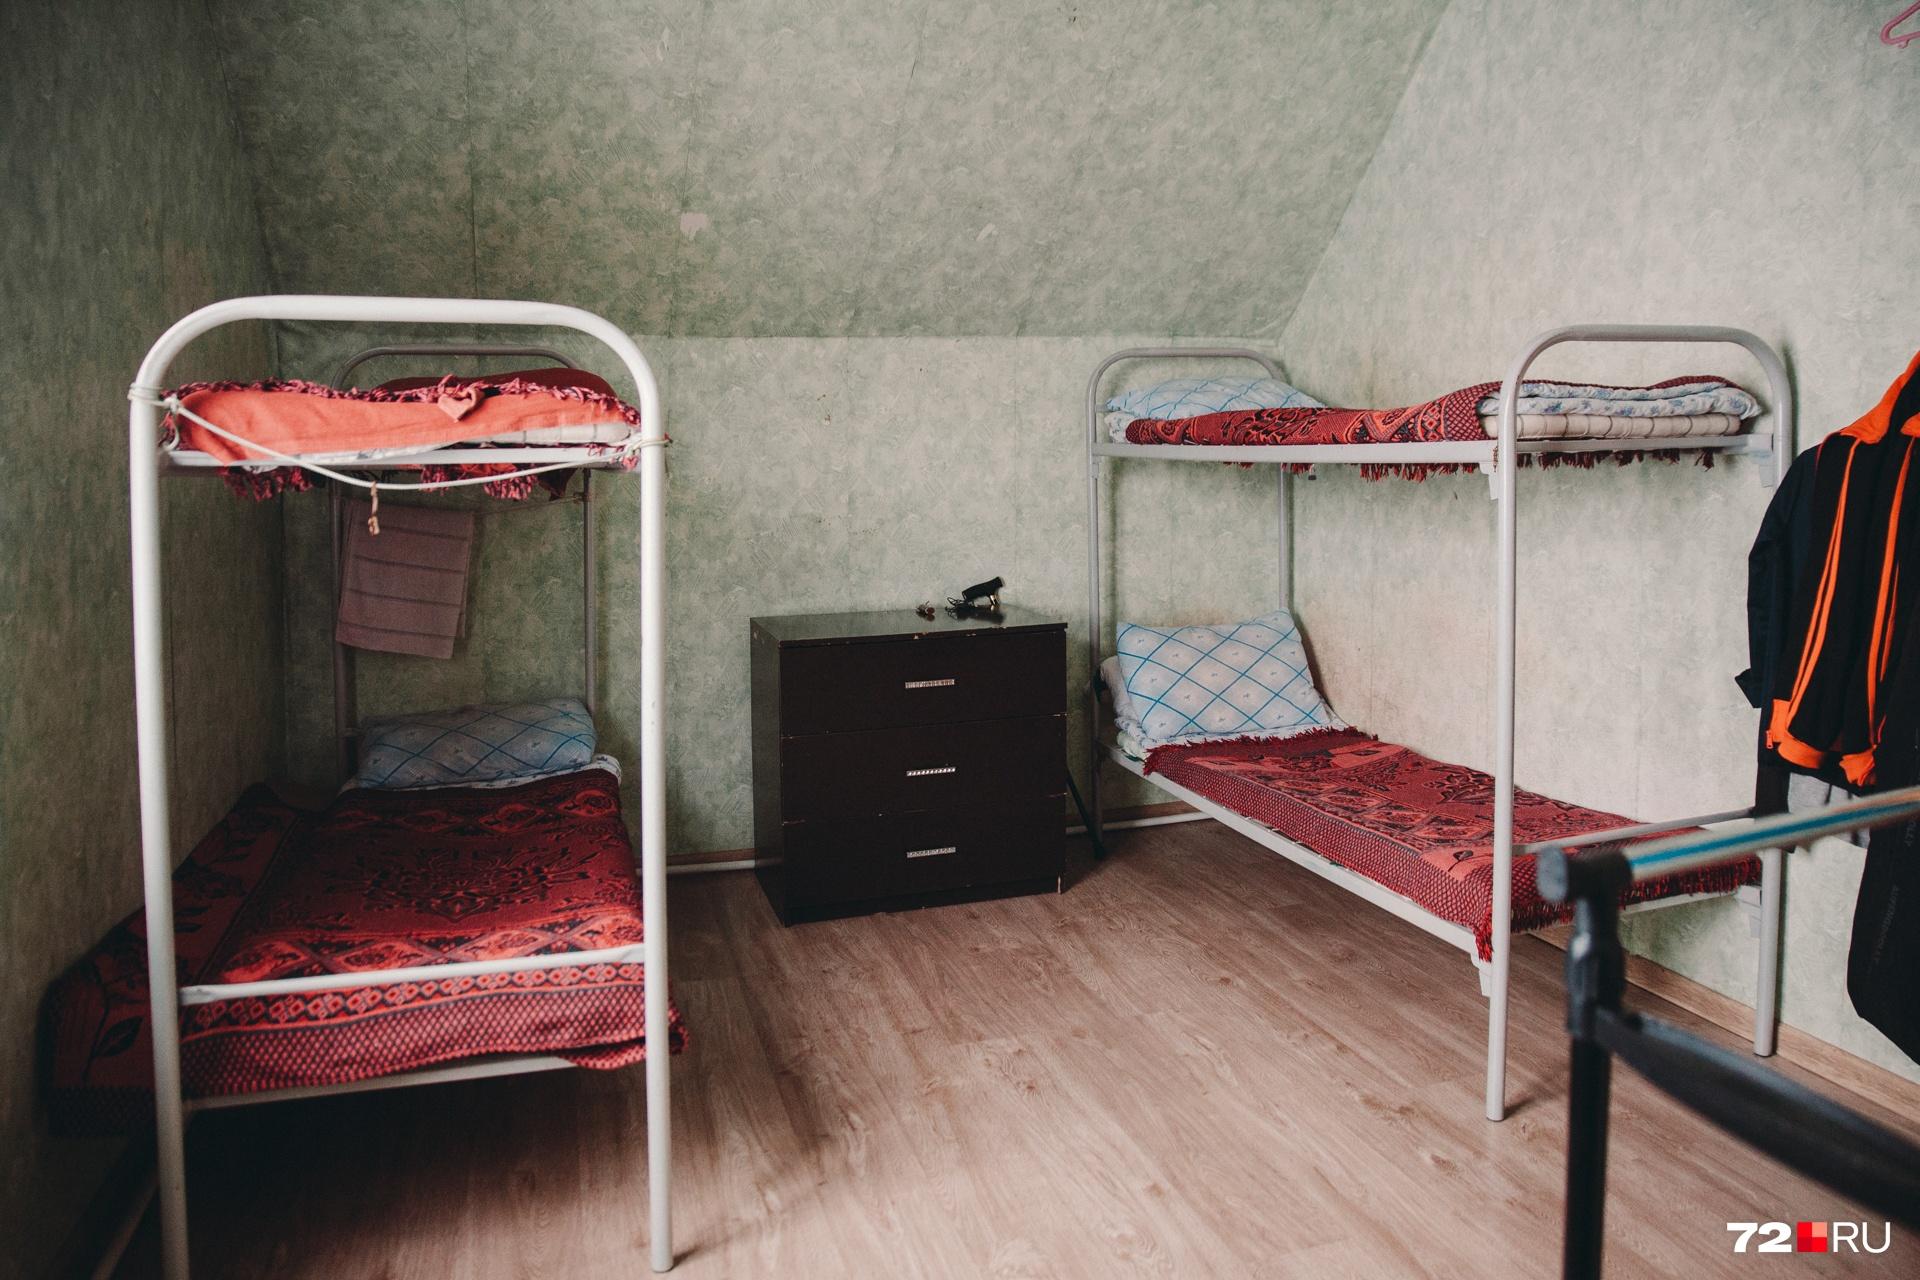 А это другая комната постояльцев. Здесь кровати для четверых людей